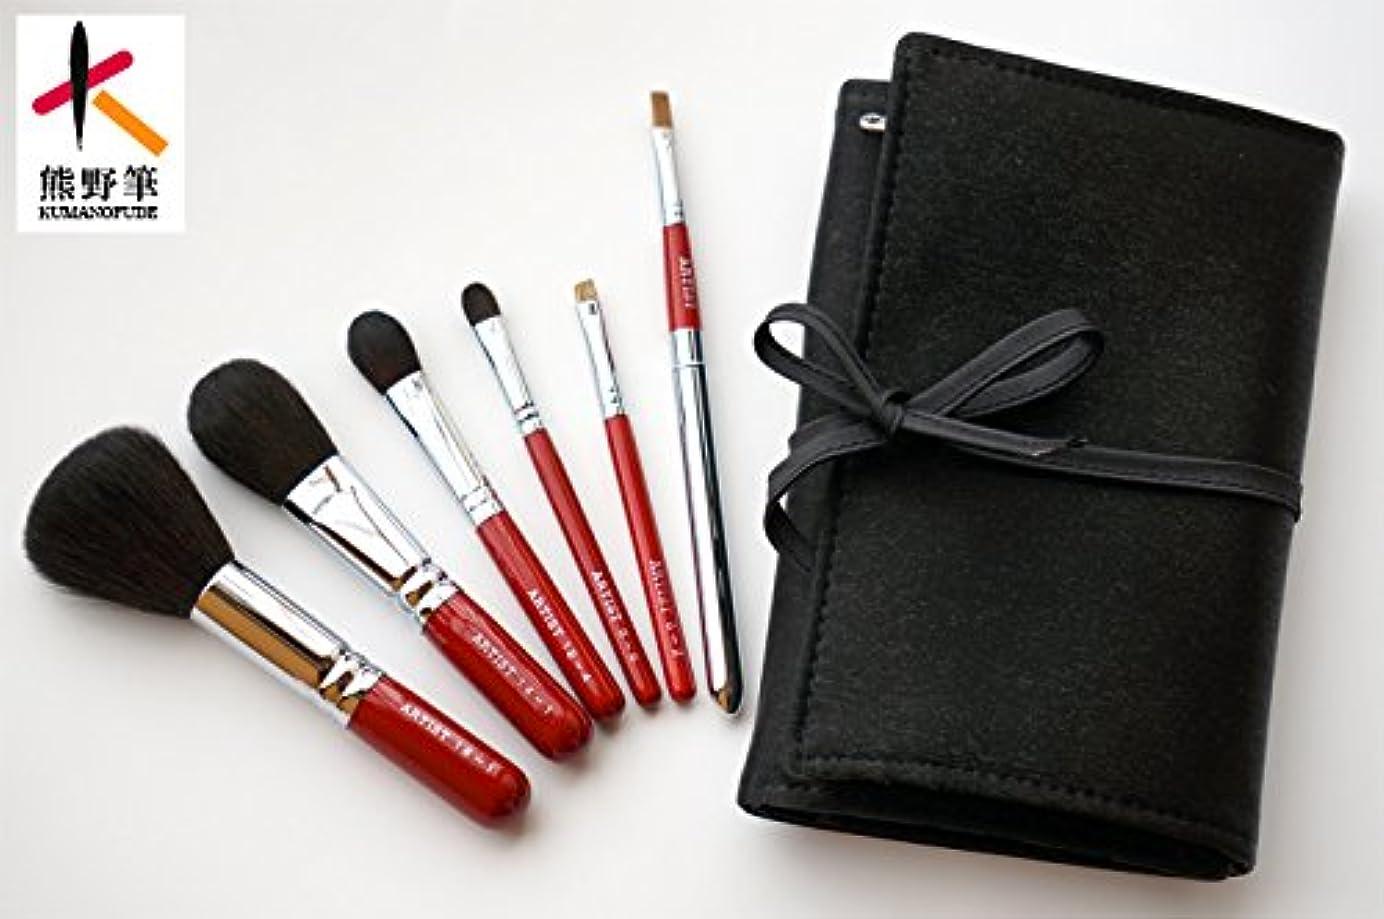 比率治安判事生き残ります明治四十年創業 文宏堂 アーティストシリーズ基本6本セット 熊野化粧筆 熊野筆 化粧ブラシ S-14 名入れ可能